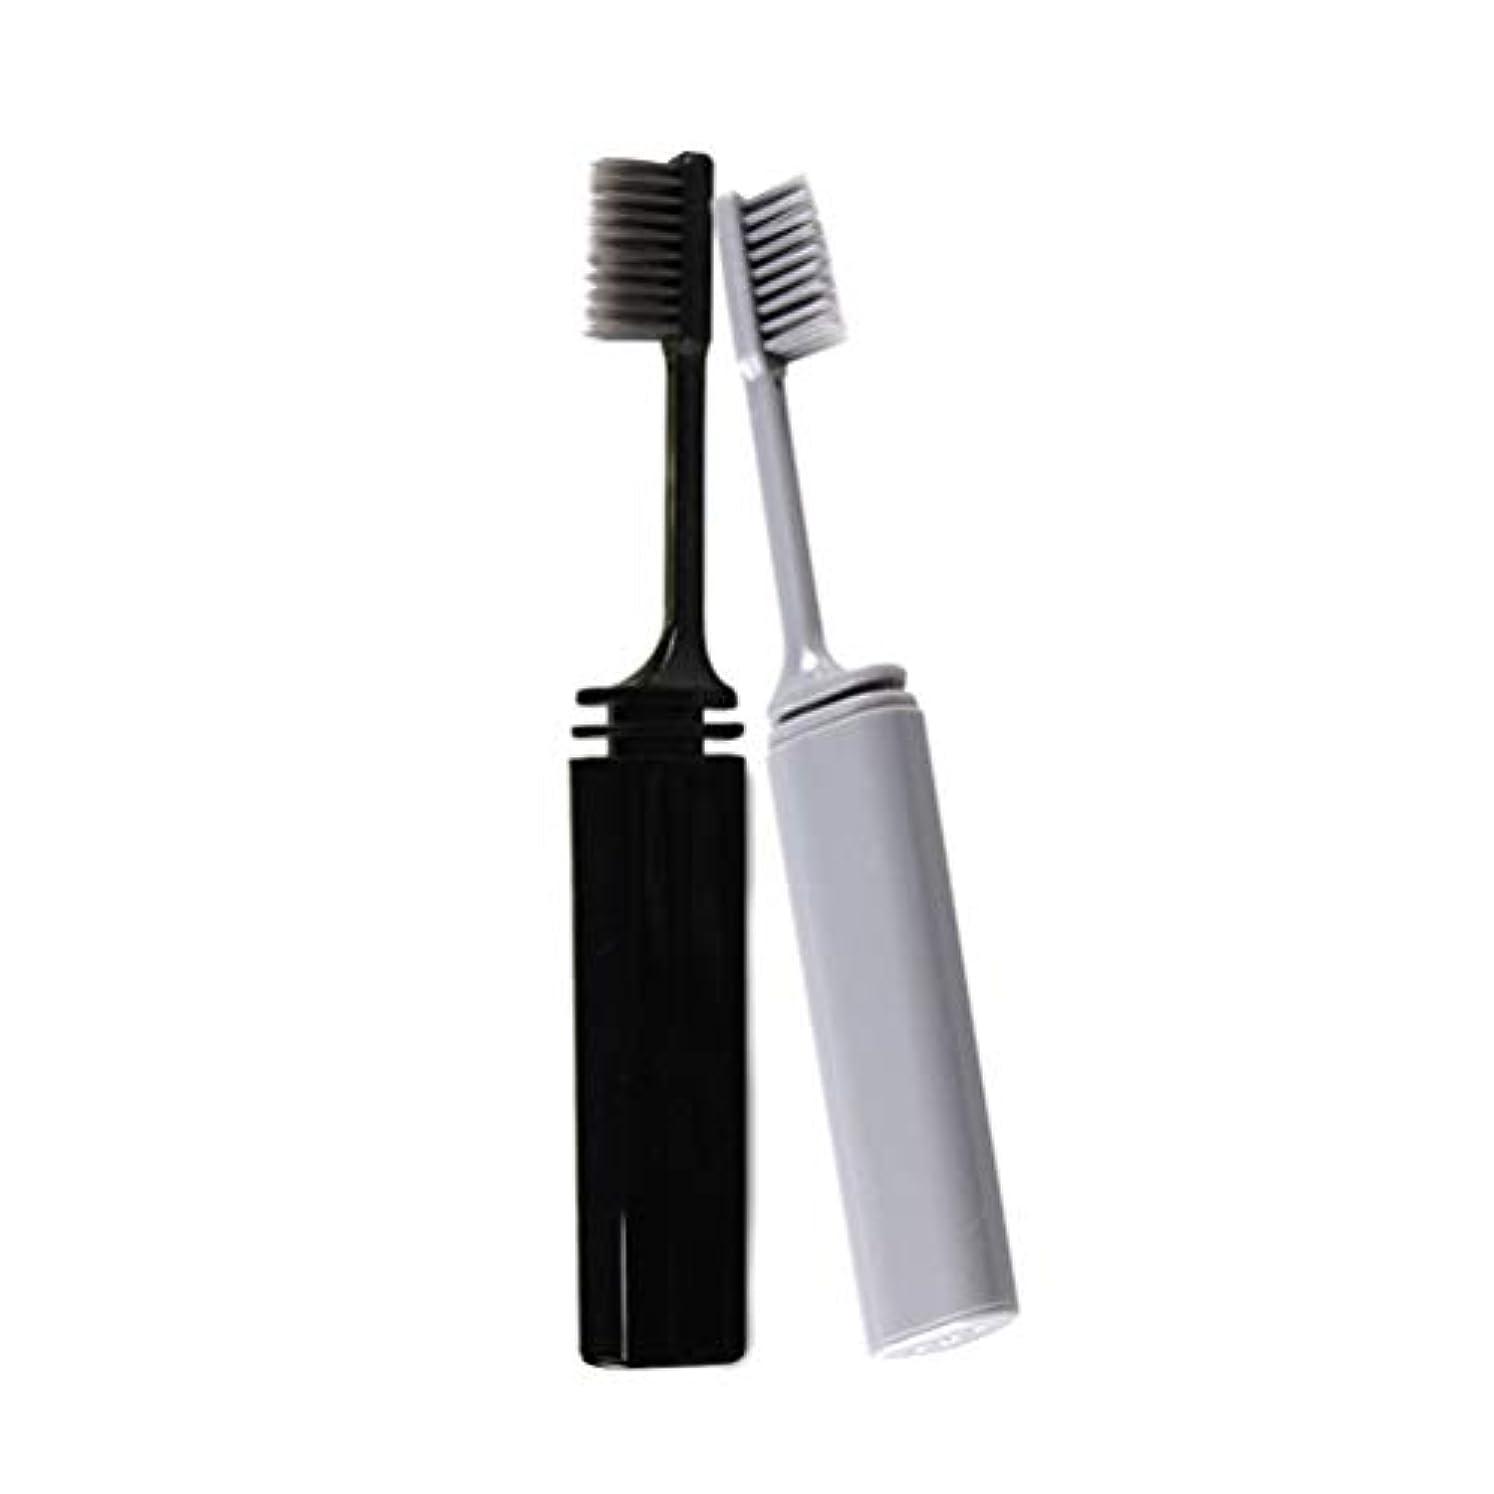 知覚的ジョグ機械Healifty 旅行用携帯用歯ブラシ折りたたみ竹炭歯ブラシ2本(グレー+ブラック)